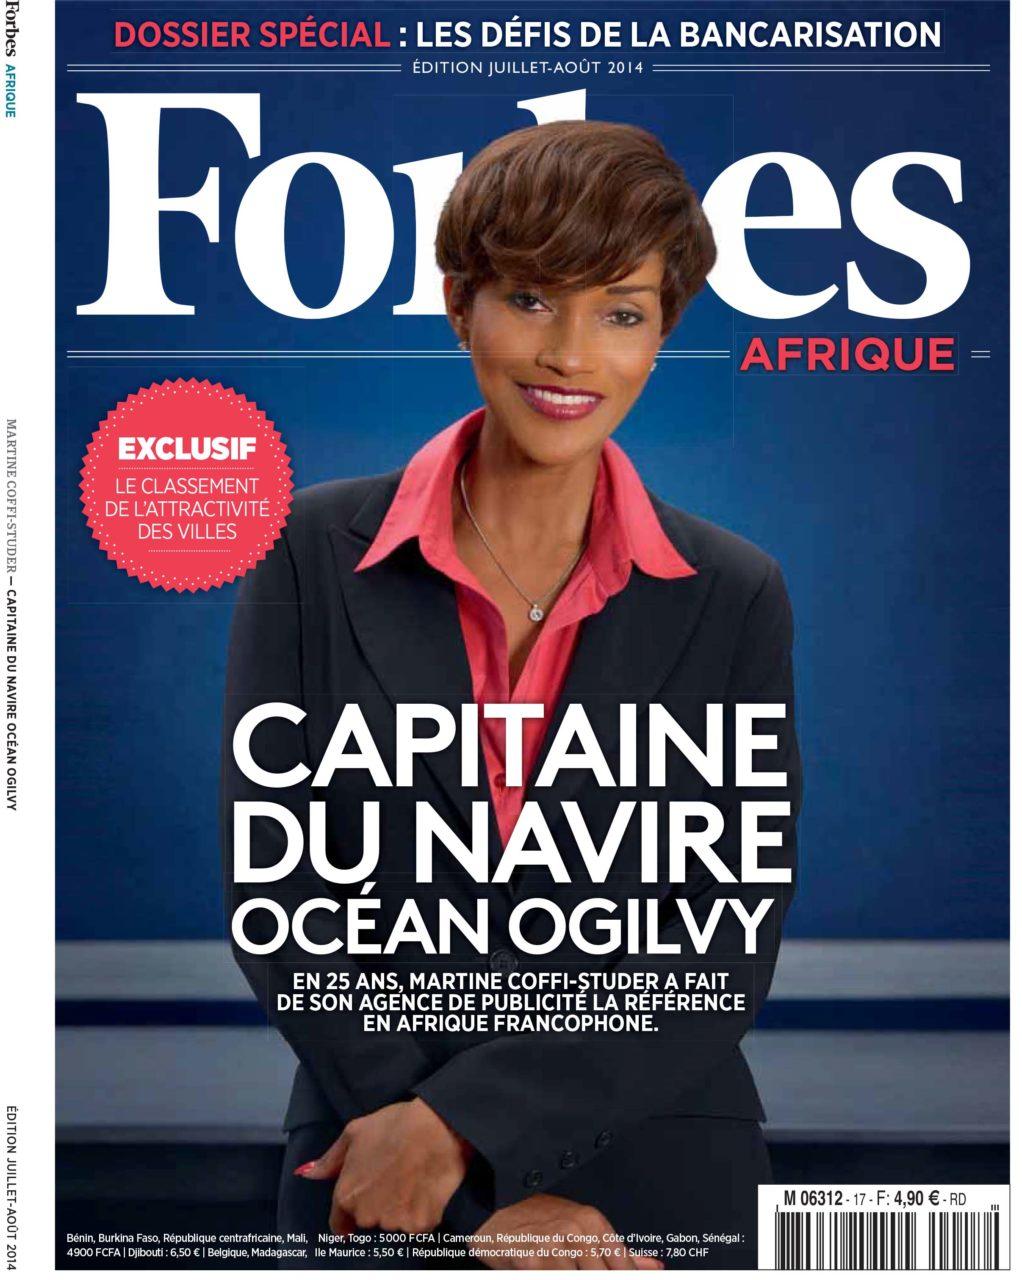 http://www.saota.com/wp-content/uploads/2018/01/SAOTA__INT_Forbes-Afrique_-Radisson-Blu-Dakar_2014_FOR017_MULTI_REDUX-1_cover.jpg